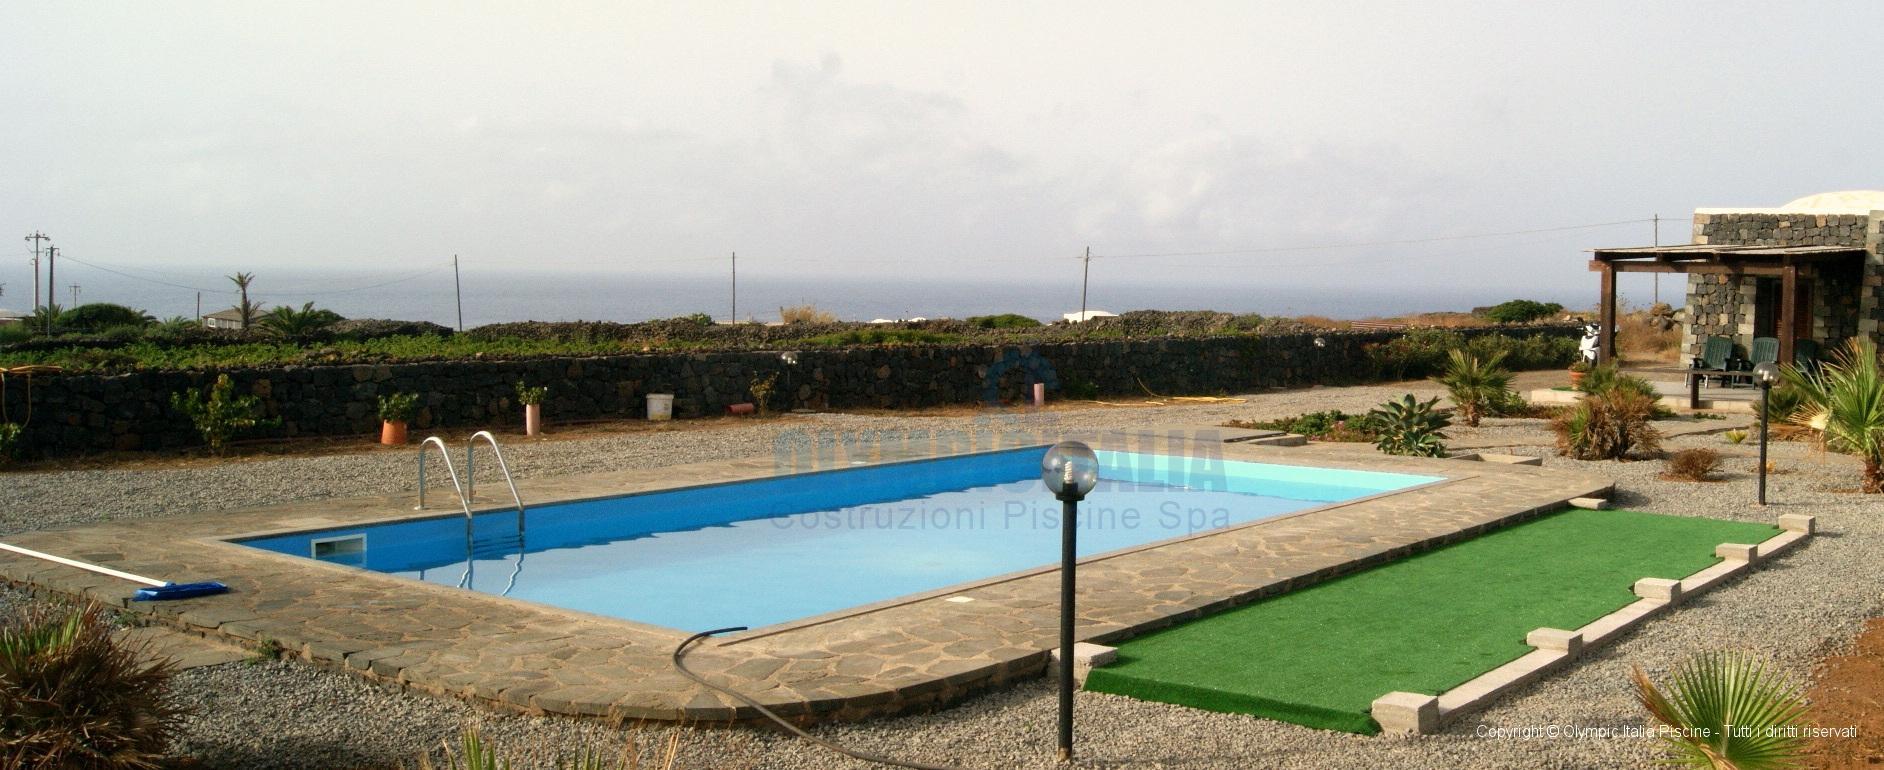 Piscine Prefabbricate Residence Pantelleria